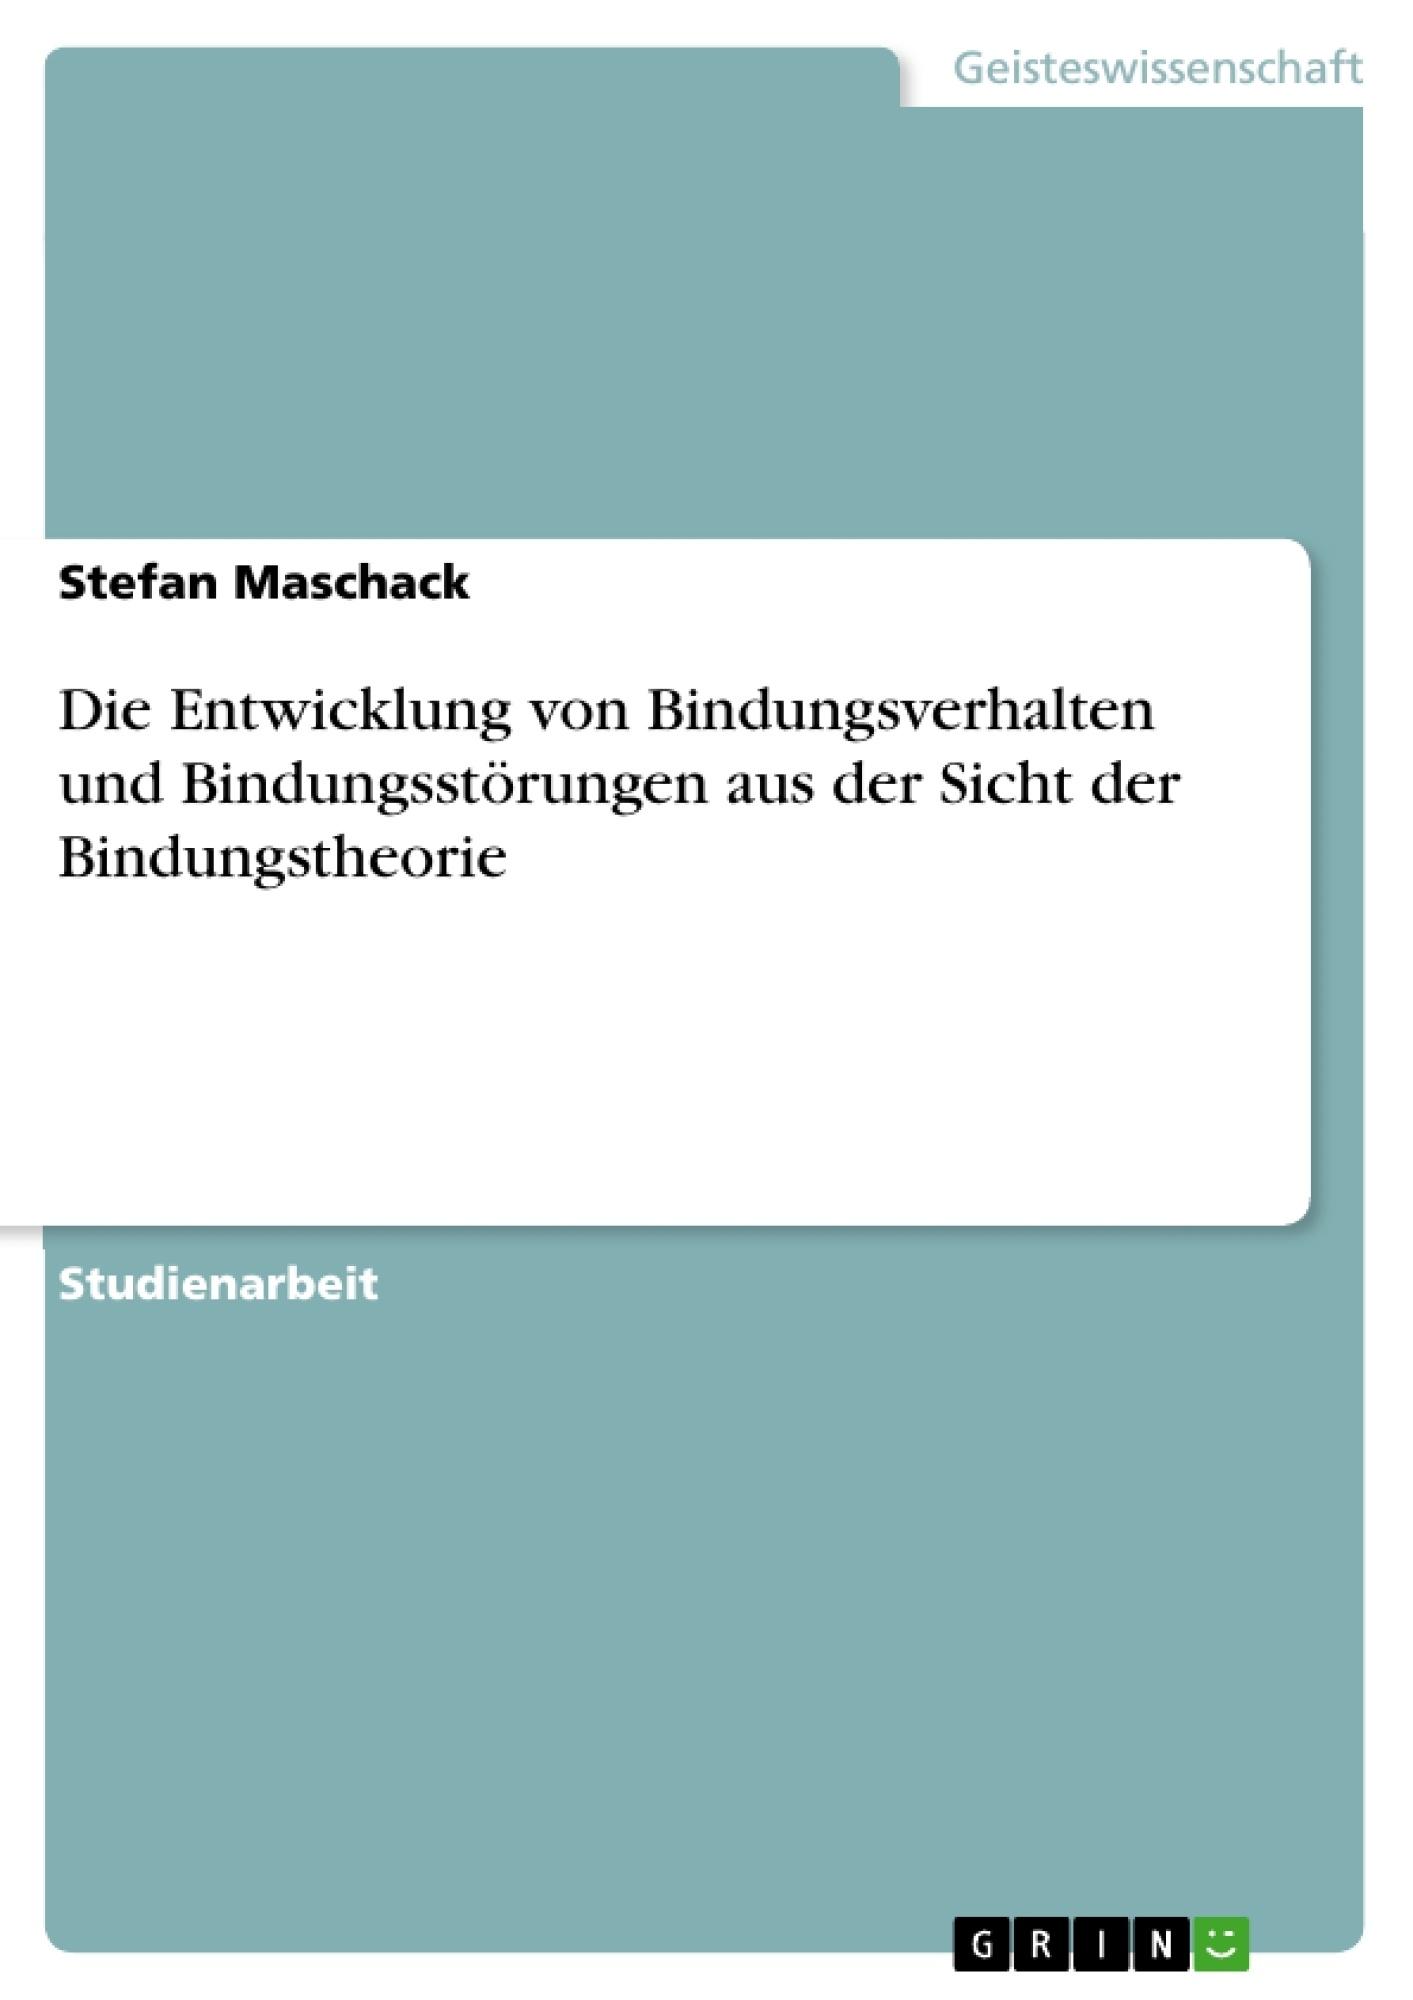 Titel: Die Entwicklung von Bindungsverhalten und Bindungsstörungen aus der Sicht der Bindungstheorie